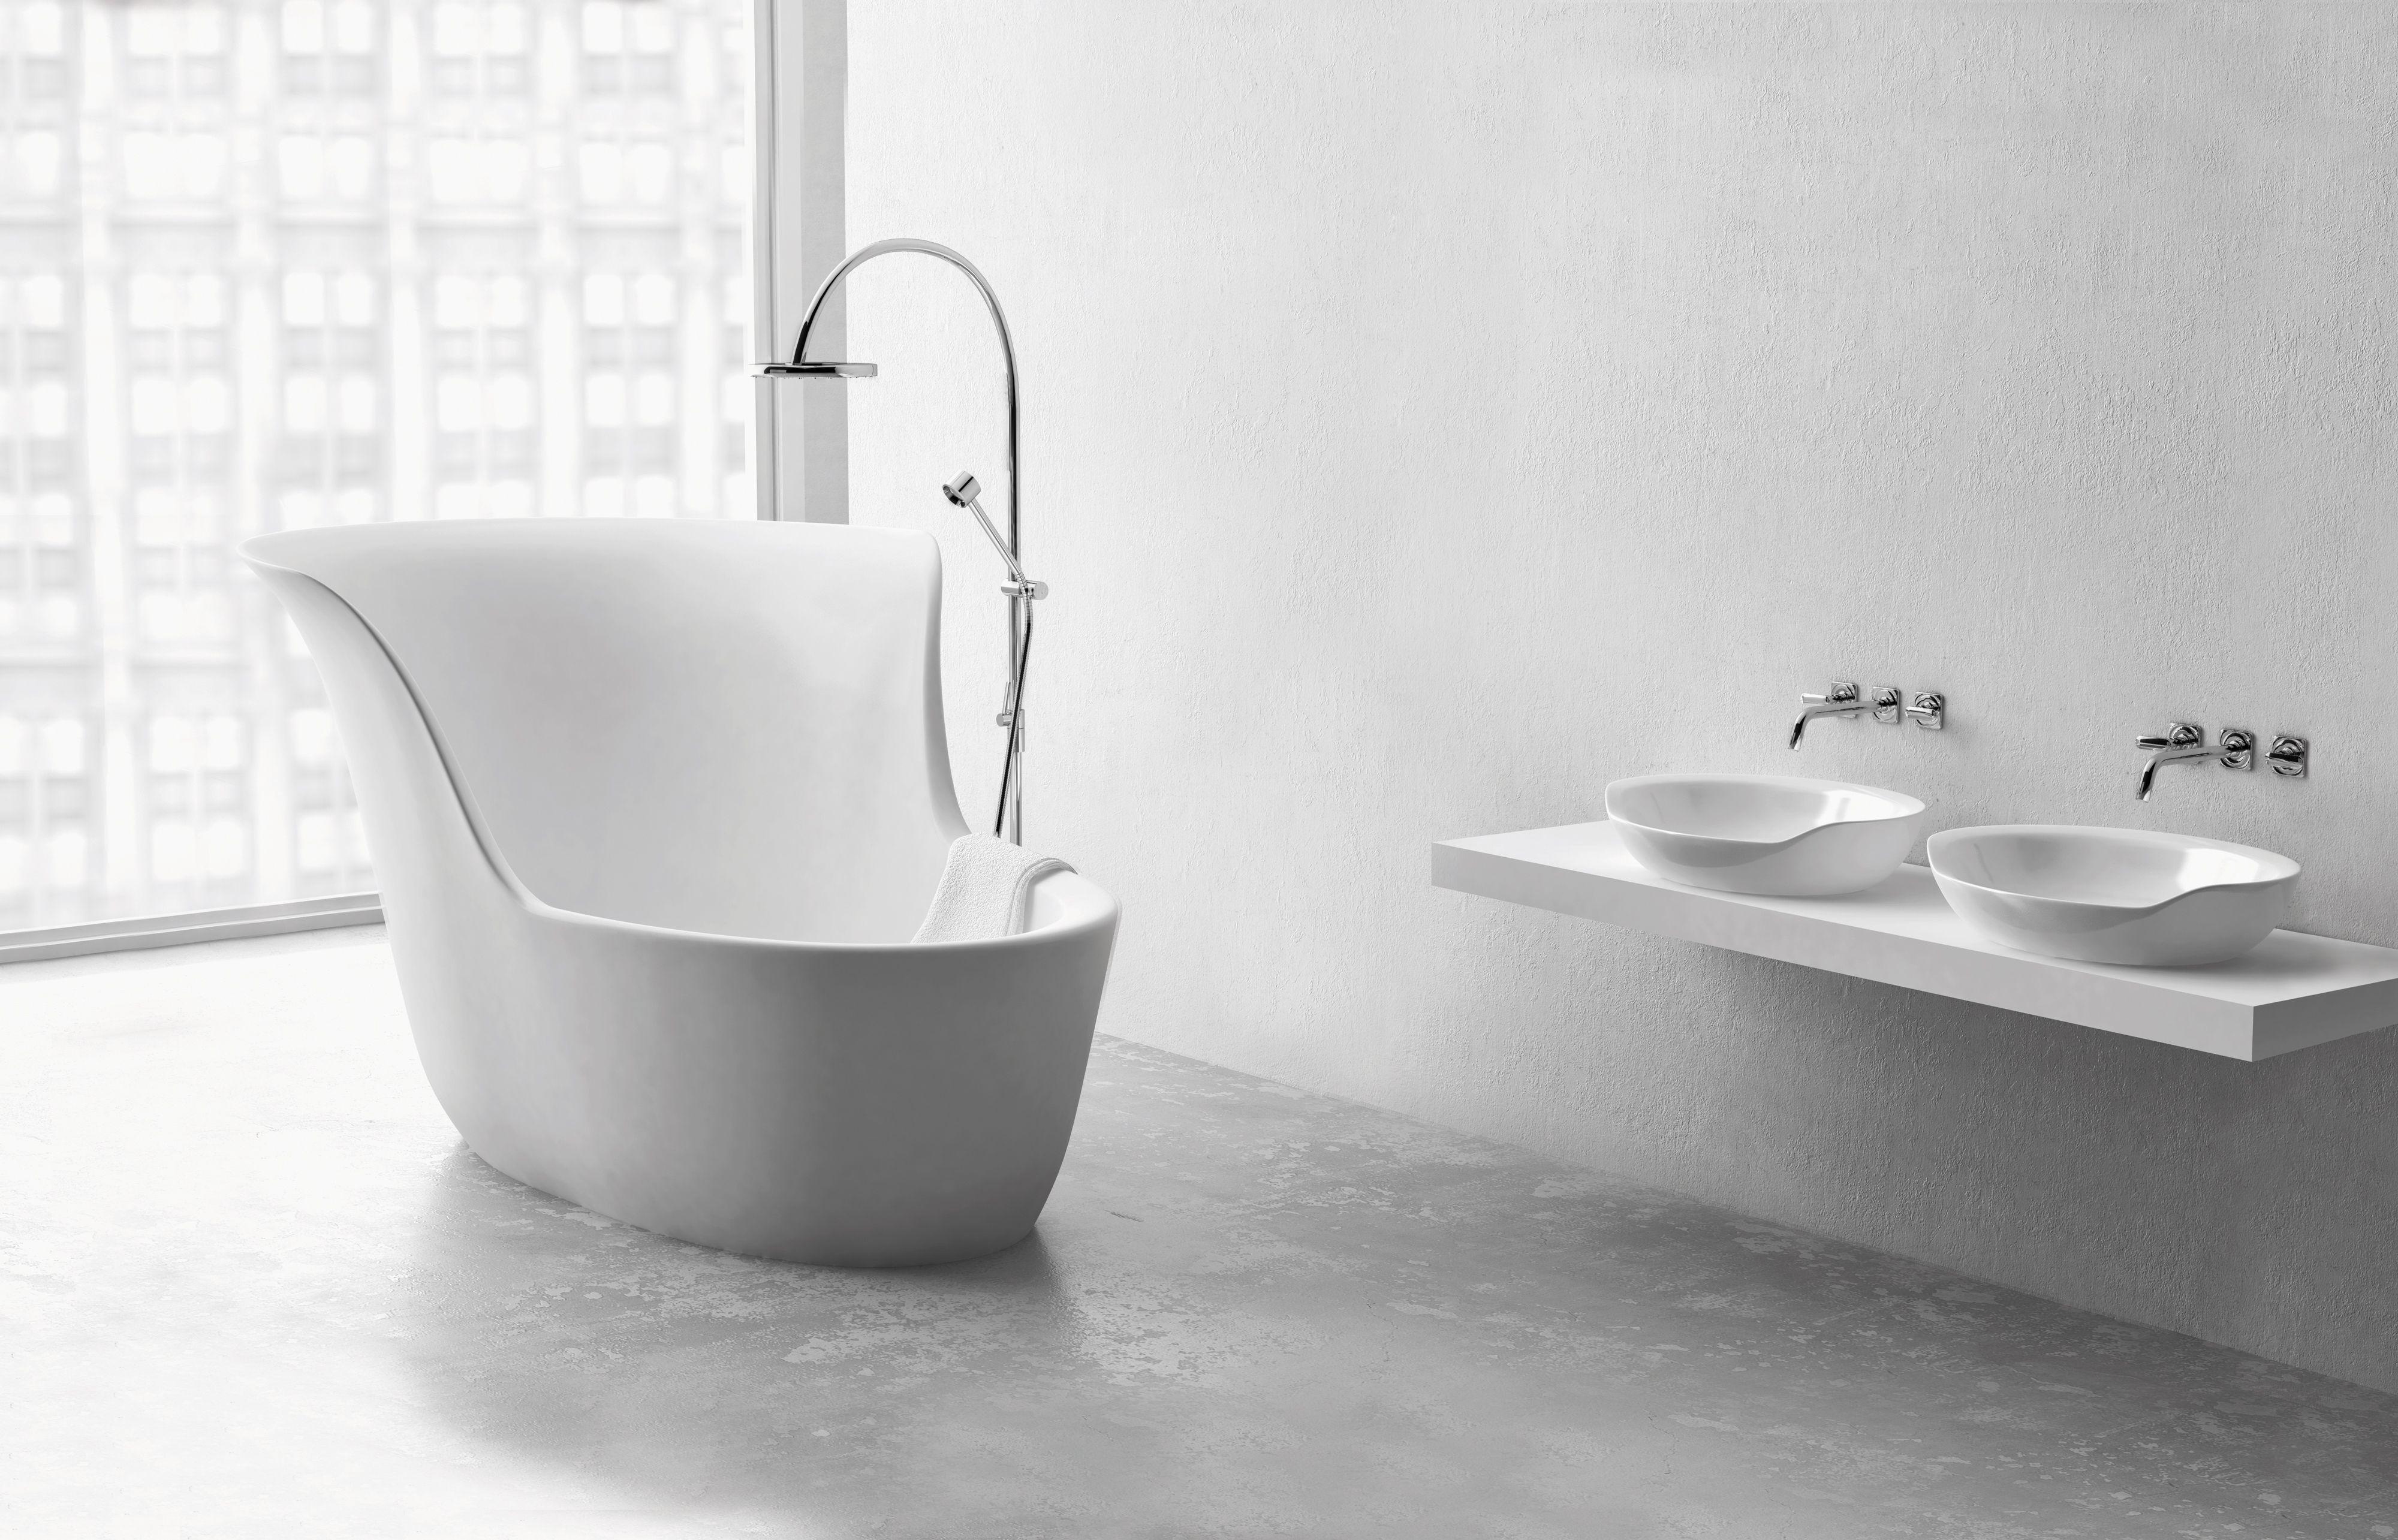 waschbecken waschbeckenschrank badewanne freistehende ...